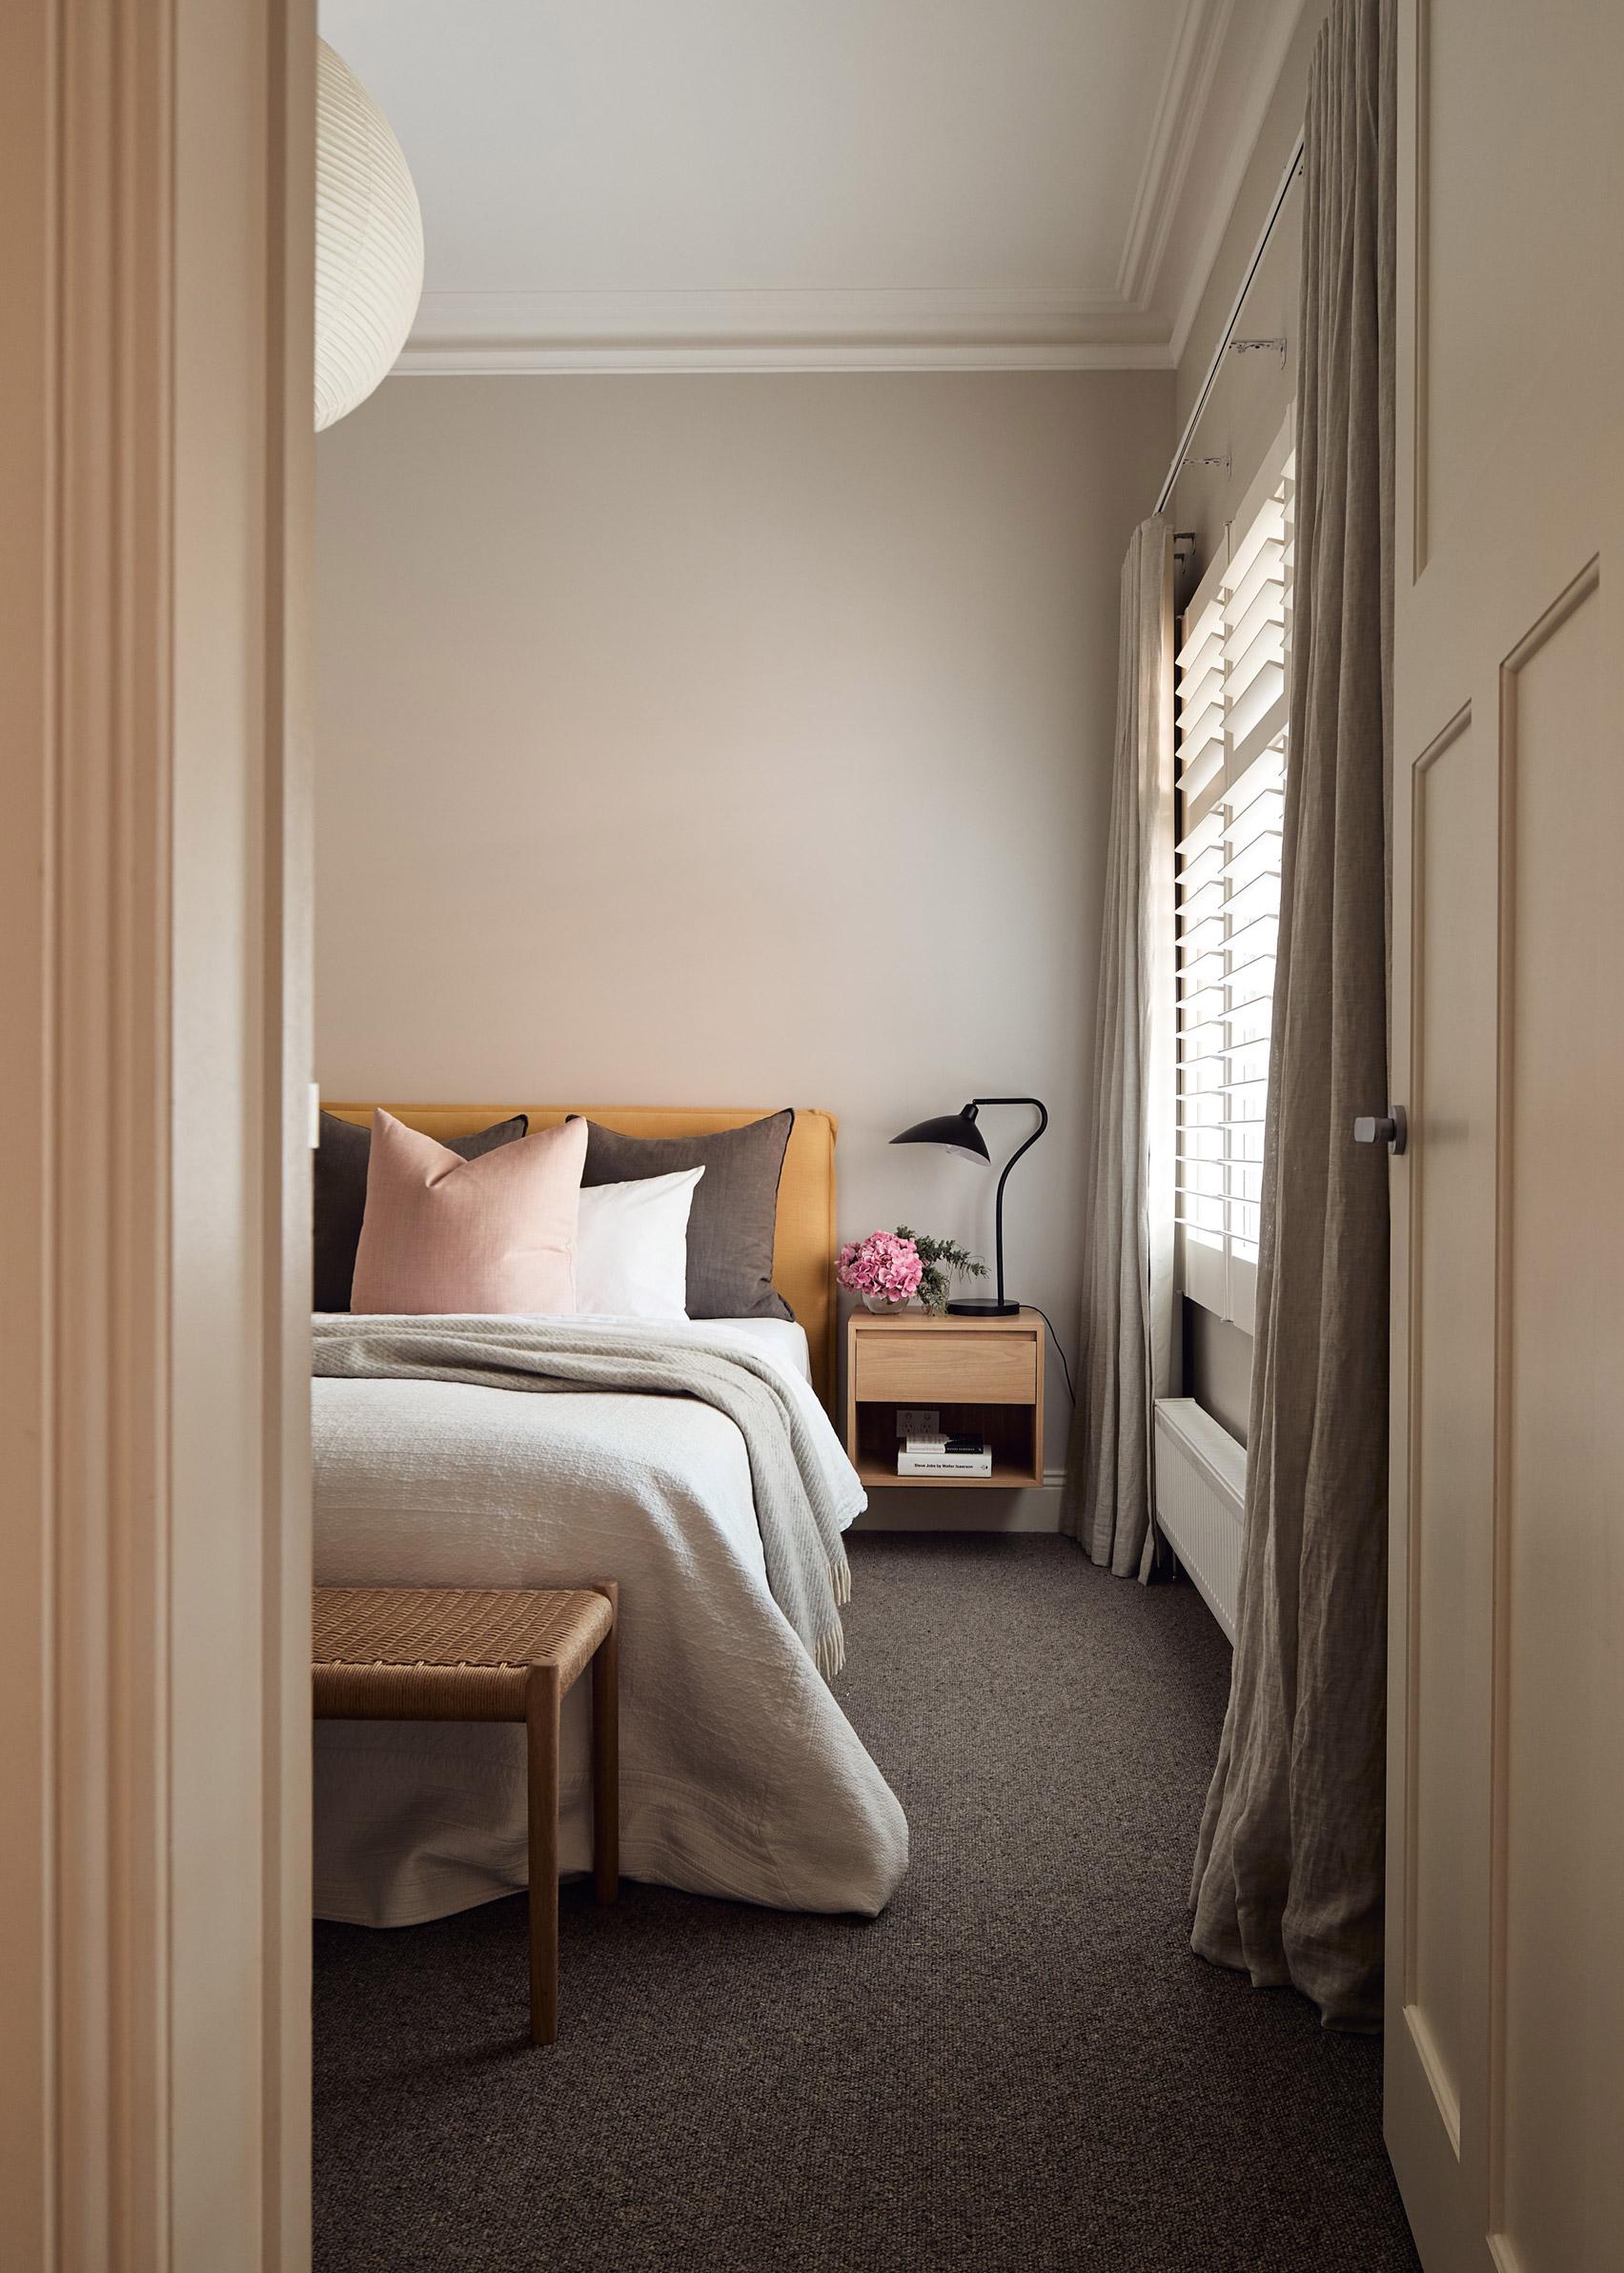 Thiết kế nội thất căn hộ đẹp 10